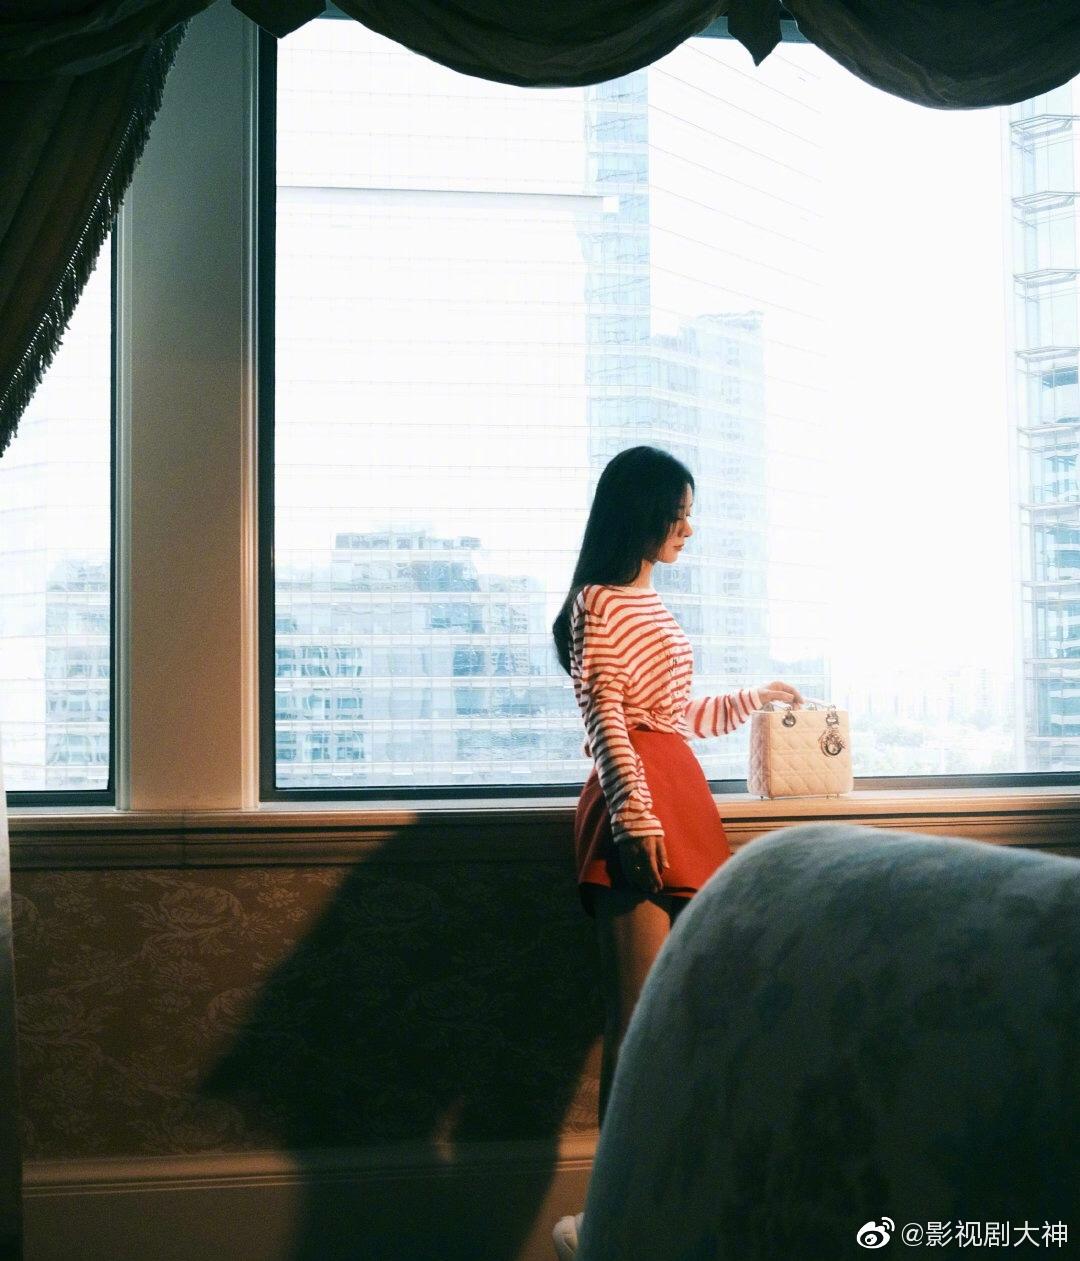 赵丽颖今天参加品牌活动的造型,红色条纹上衣搭配同色系短裙